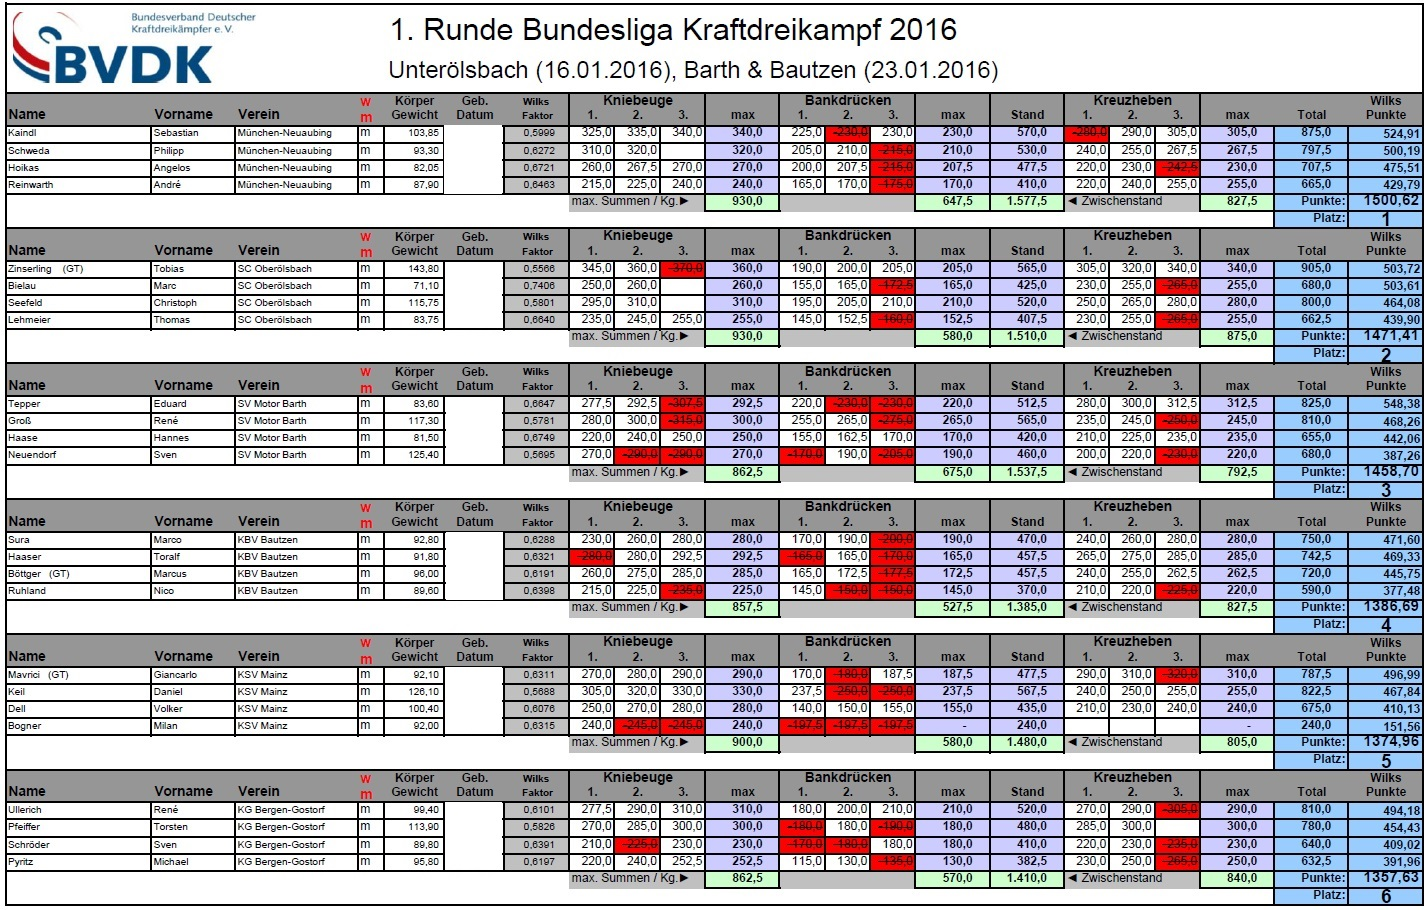 erg_kdk_bundesliga1_2016